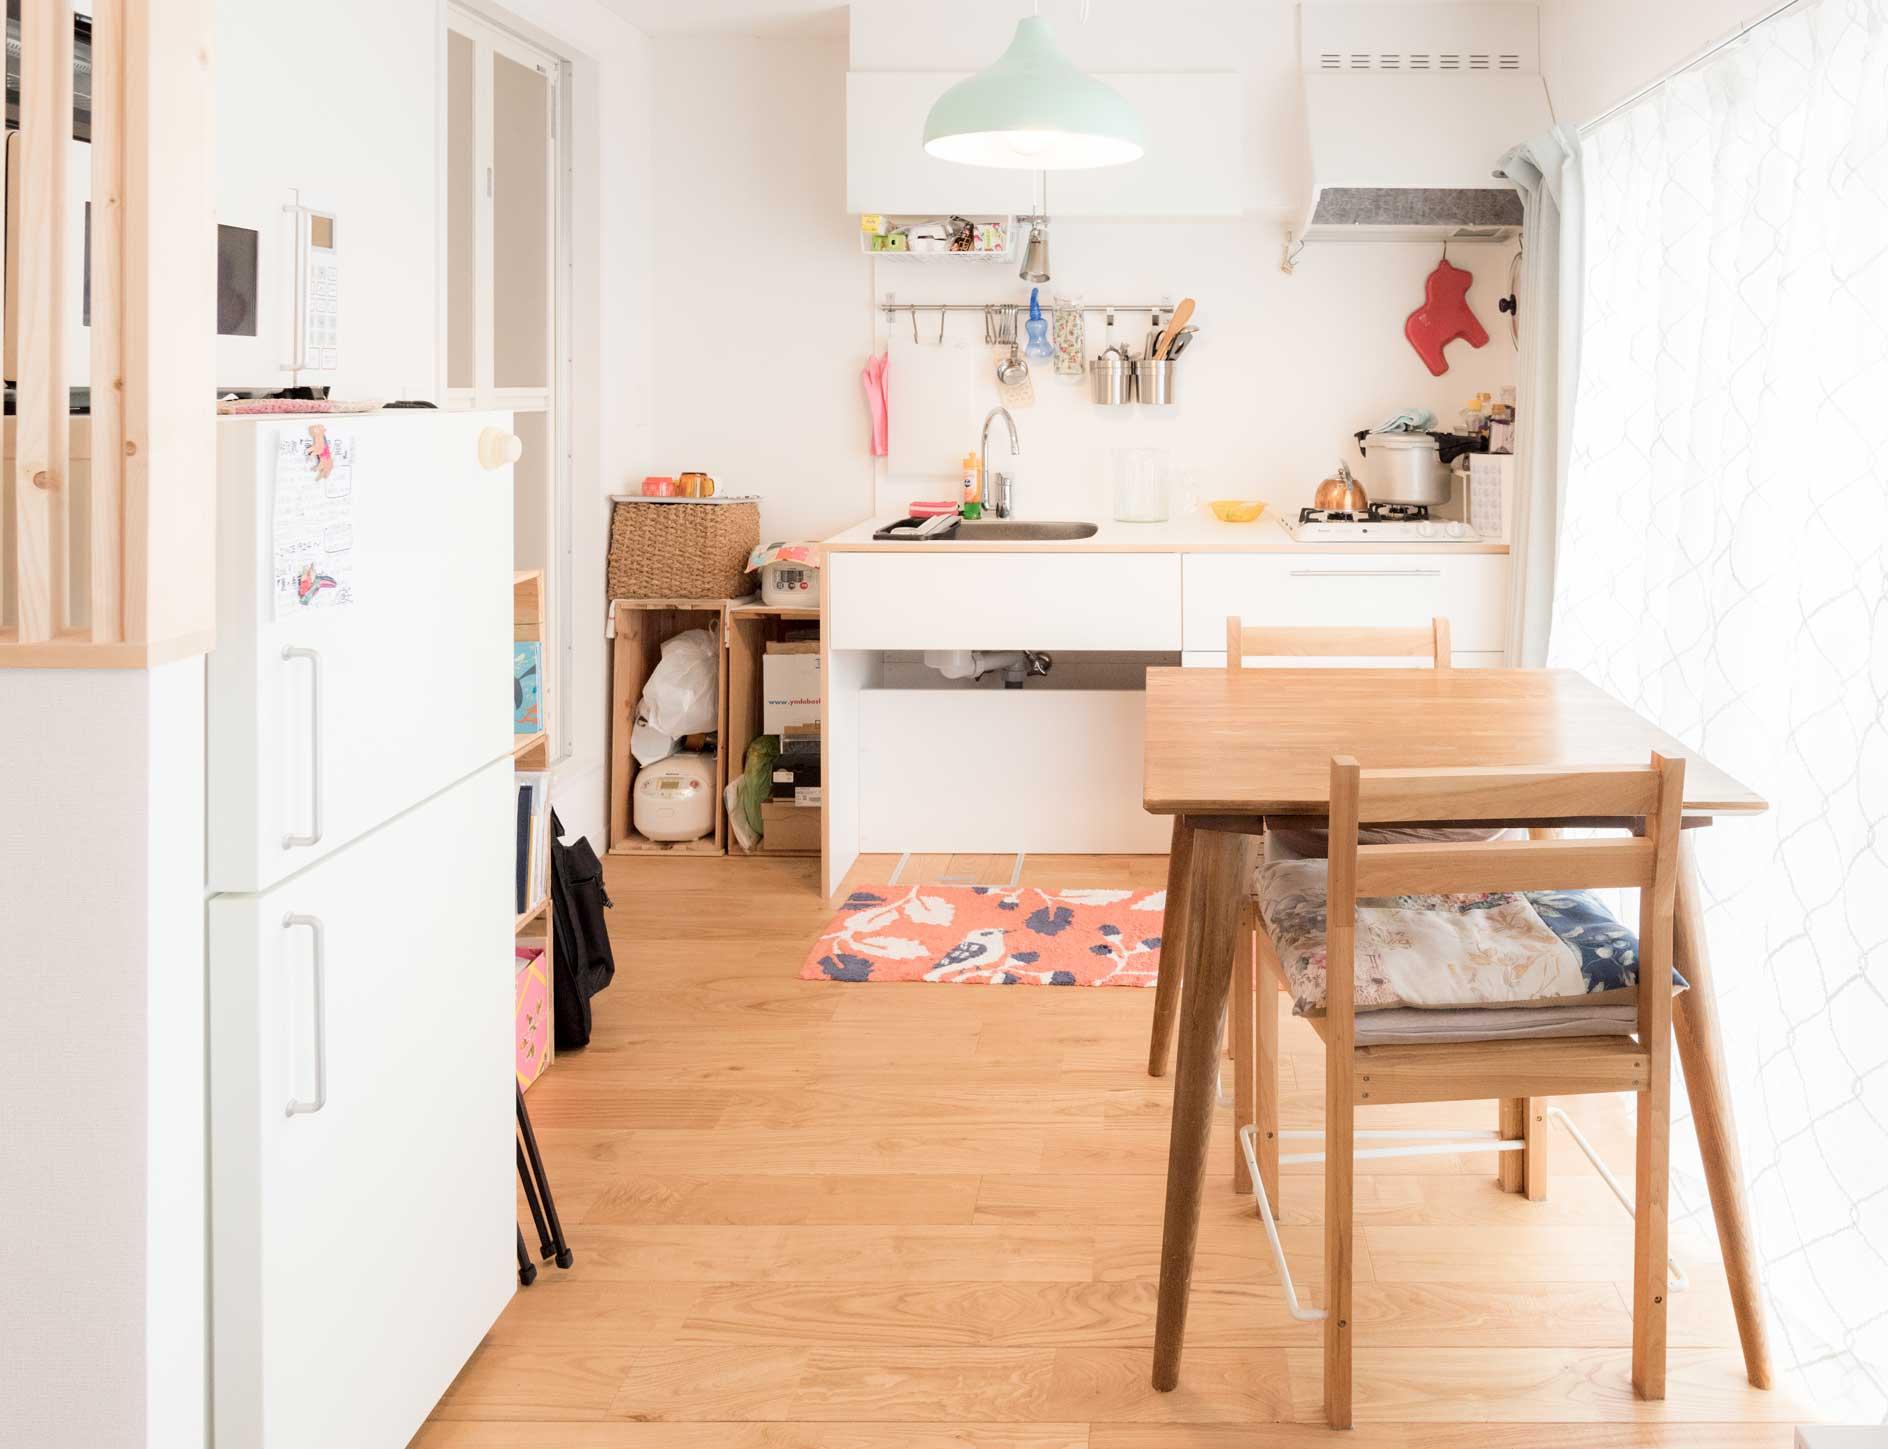 テーブルと椅子は「実家のそばにあるカフェが改装するときに、全部セット1万円で売ってもらった」のだそうだ。